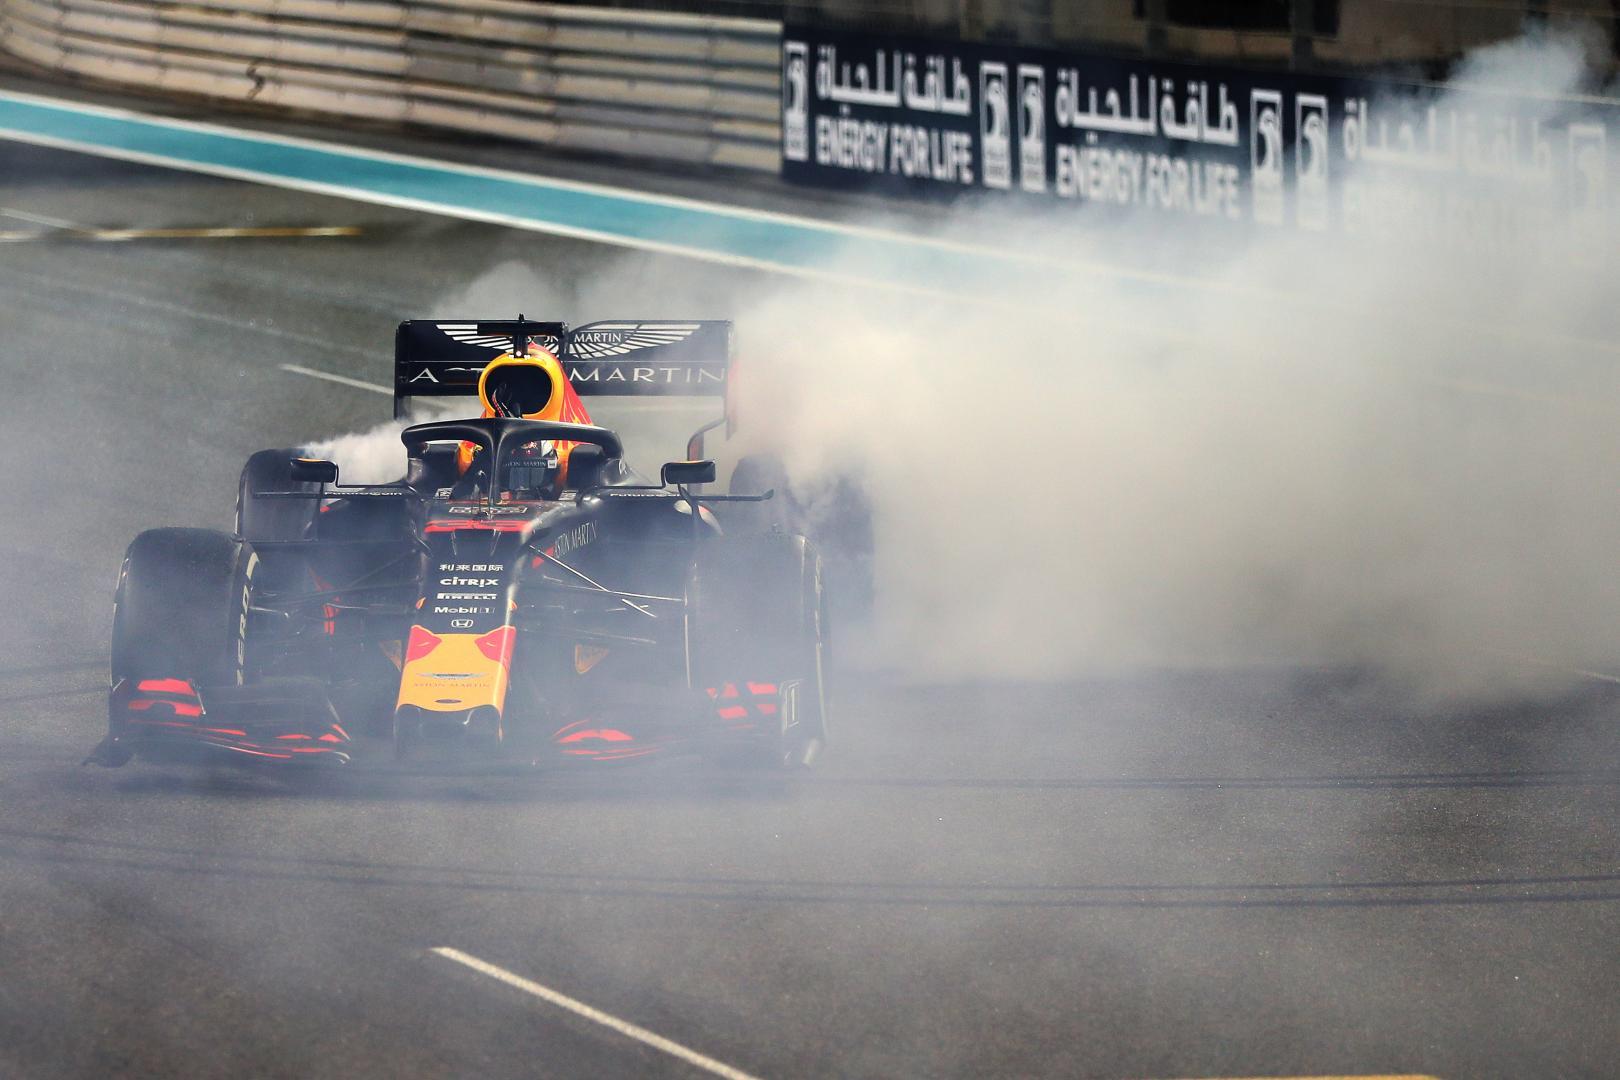 Eindstand Formule 1-kampioenschap 2019